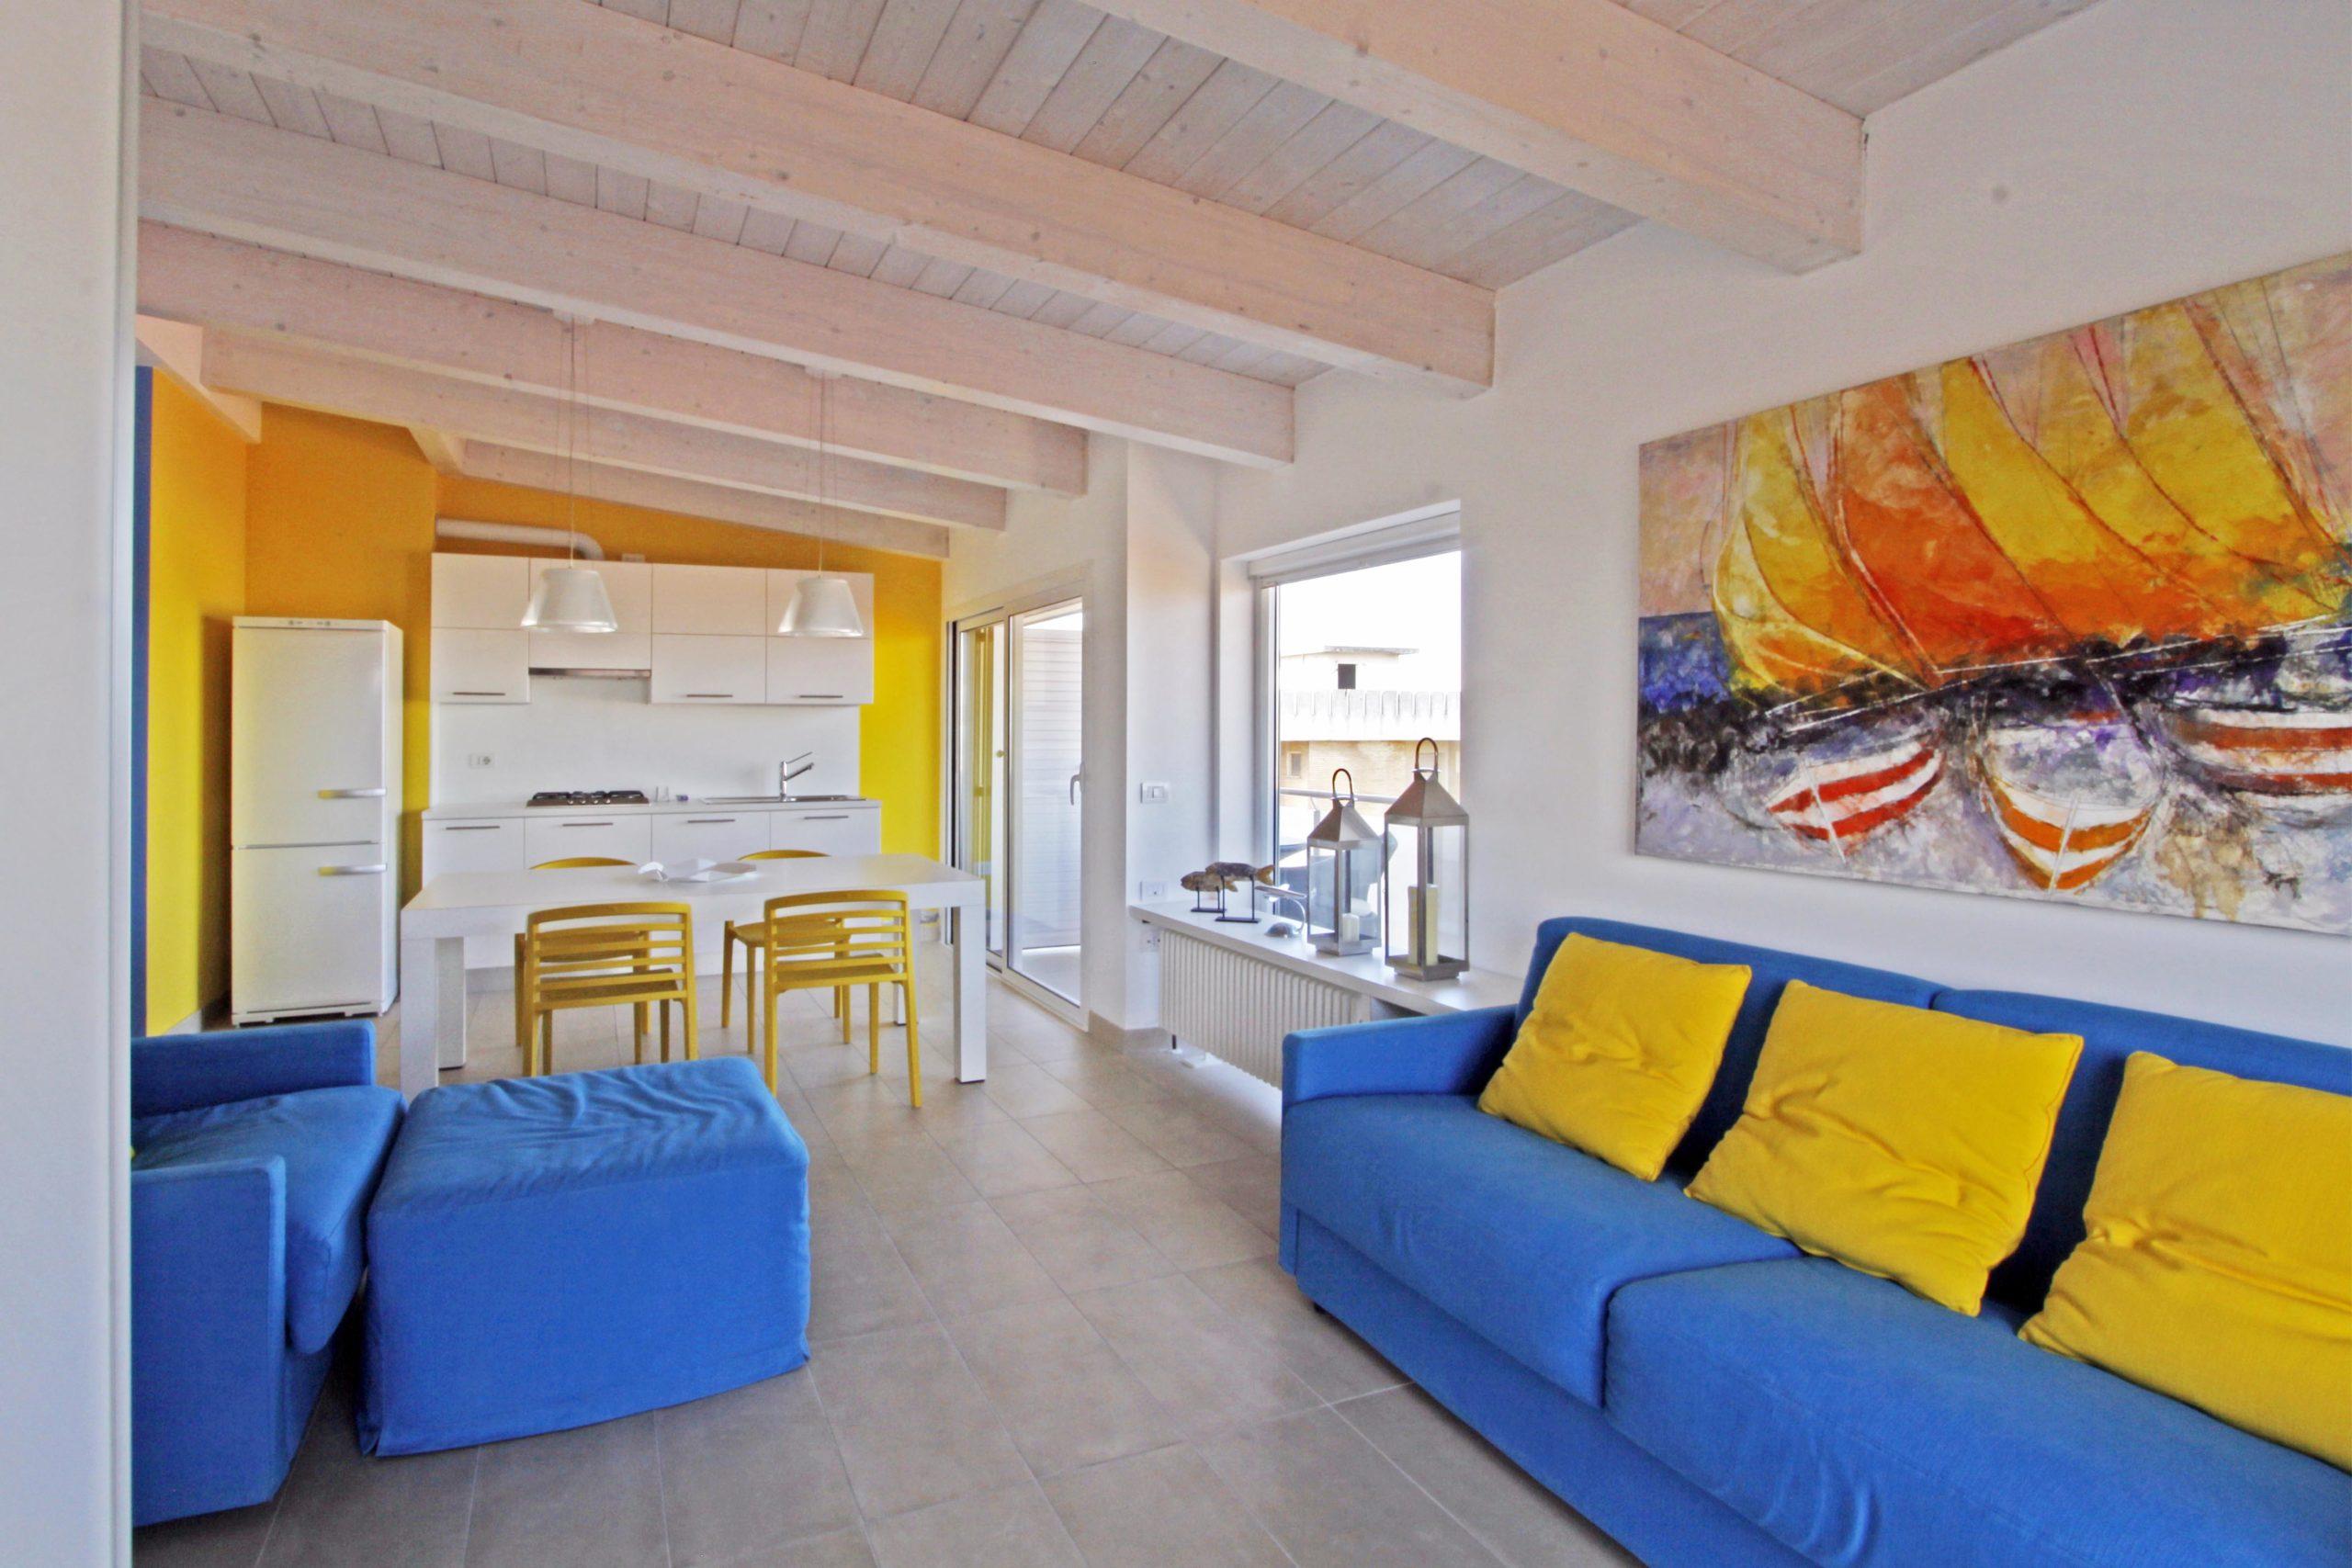 MAURISTUDIO-umberto-mauri-mauri-studio-bosisio-parini-loft_rimini_interior_colors_2000_01